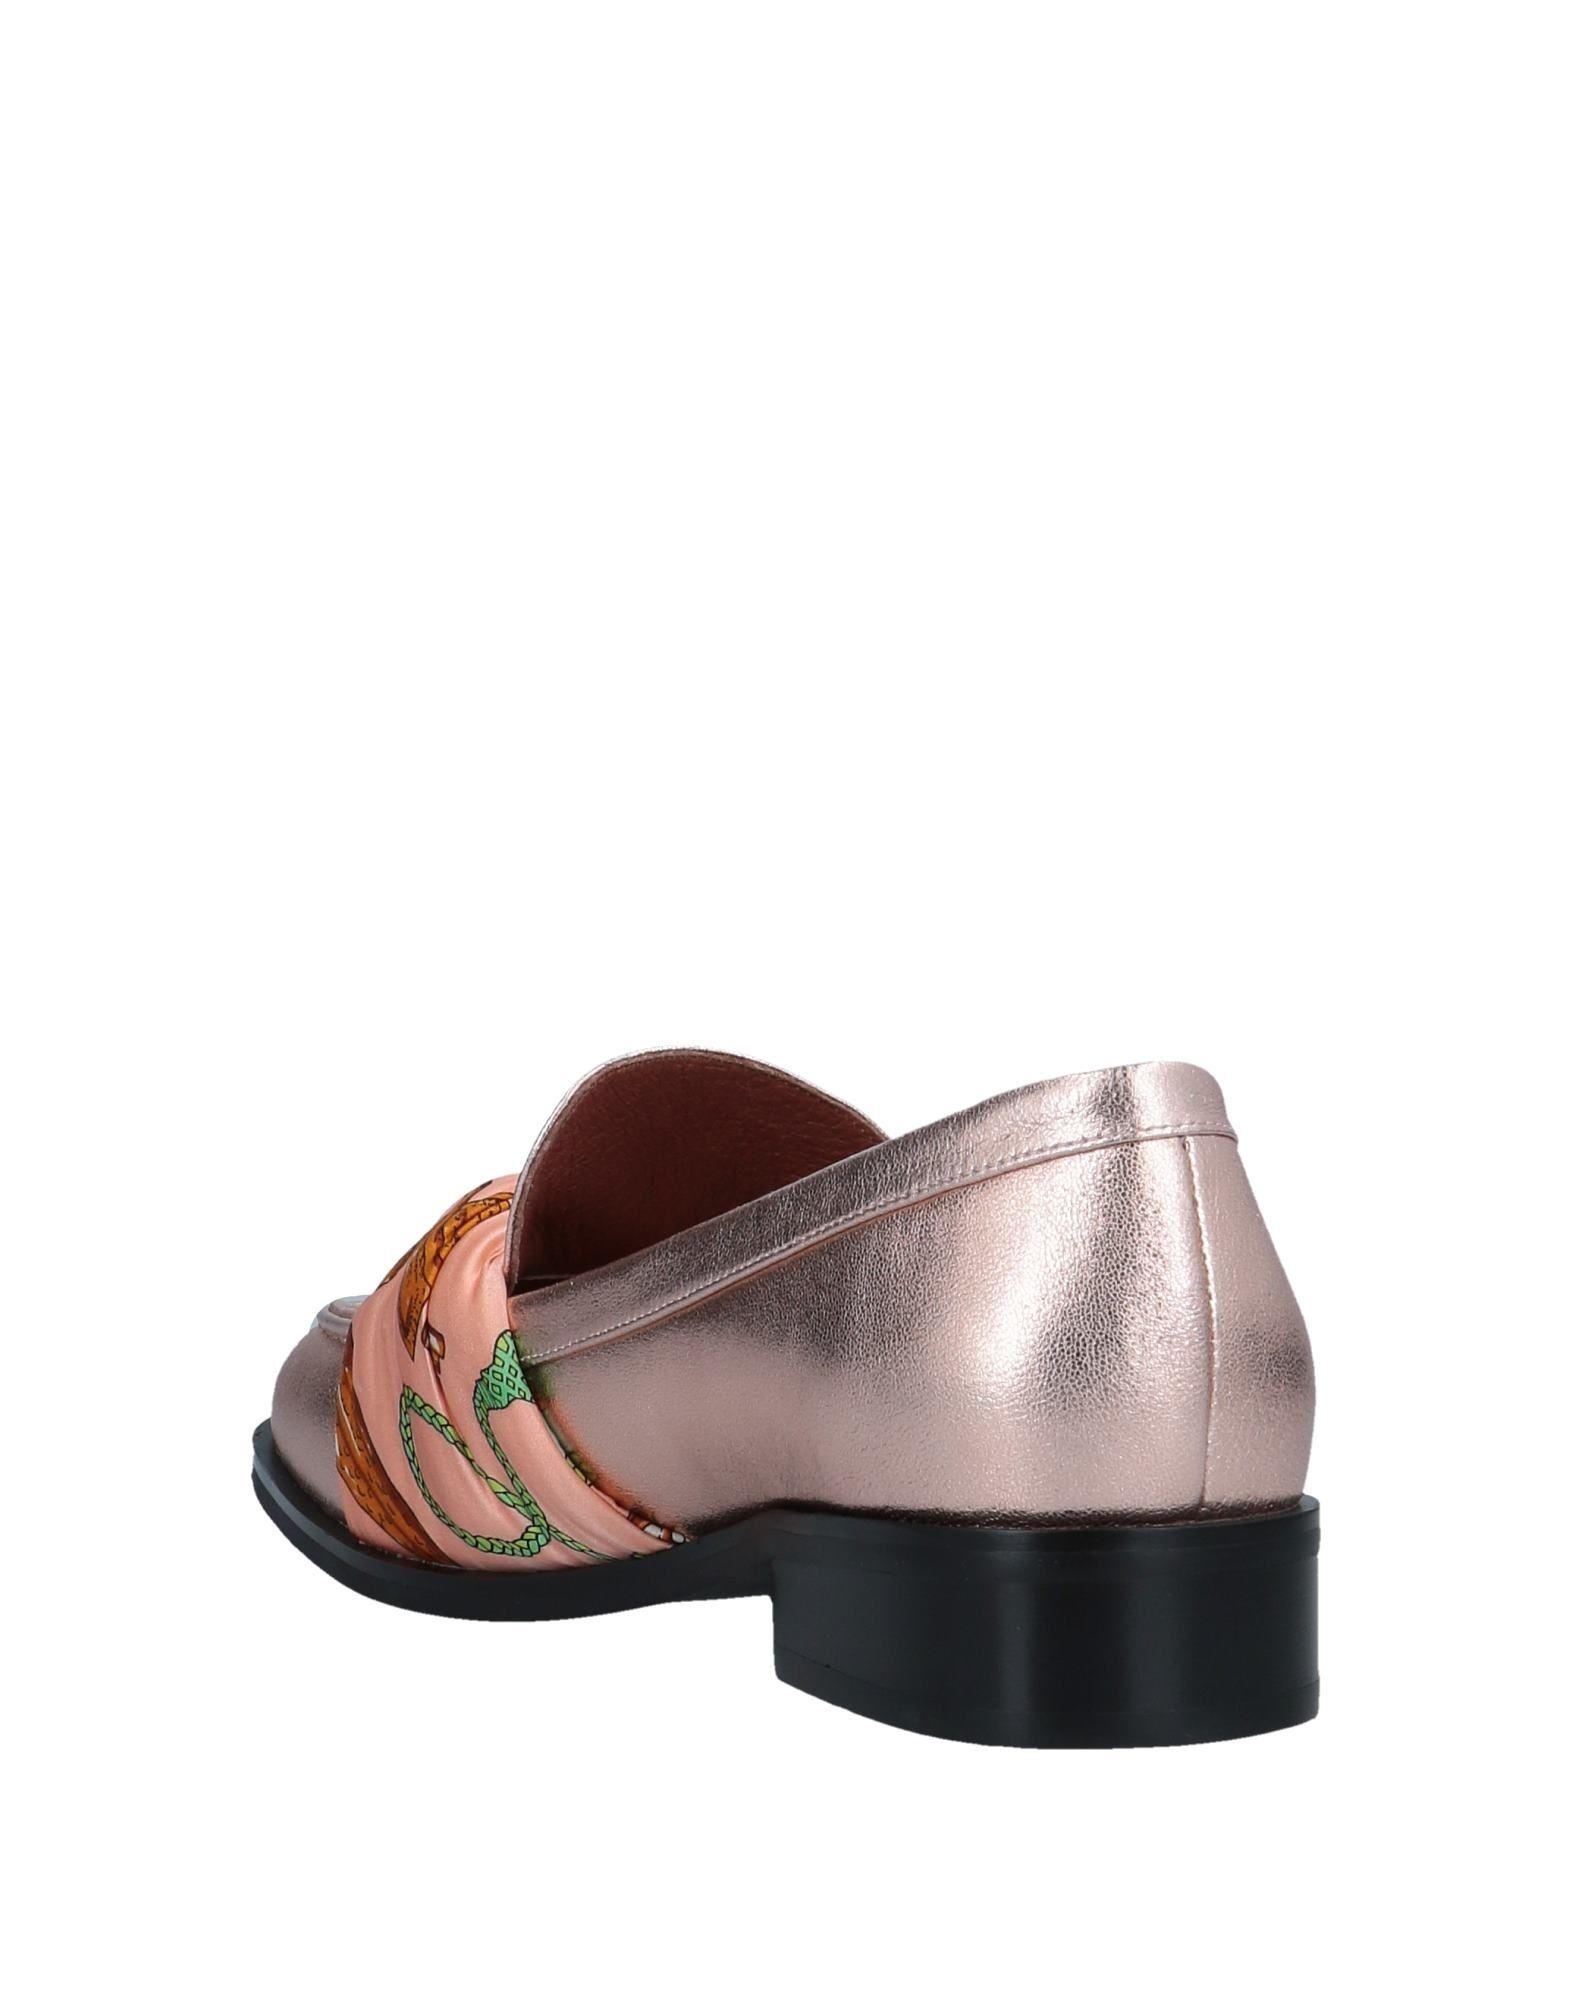 Gut um Mokassins billige Schuhe zu tragenJeffrey Campbell Mokassins um Damen  11554625BX 0feb6a